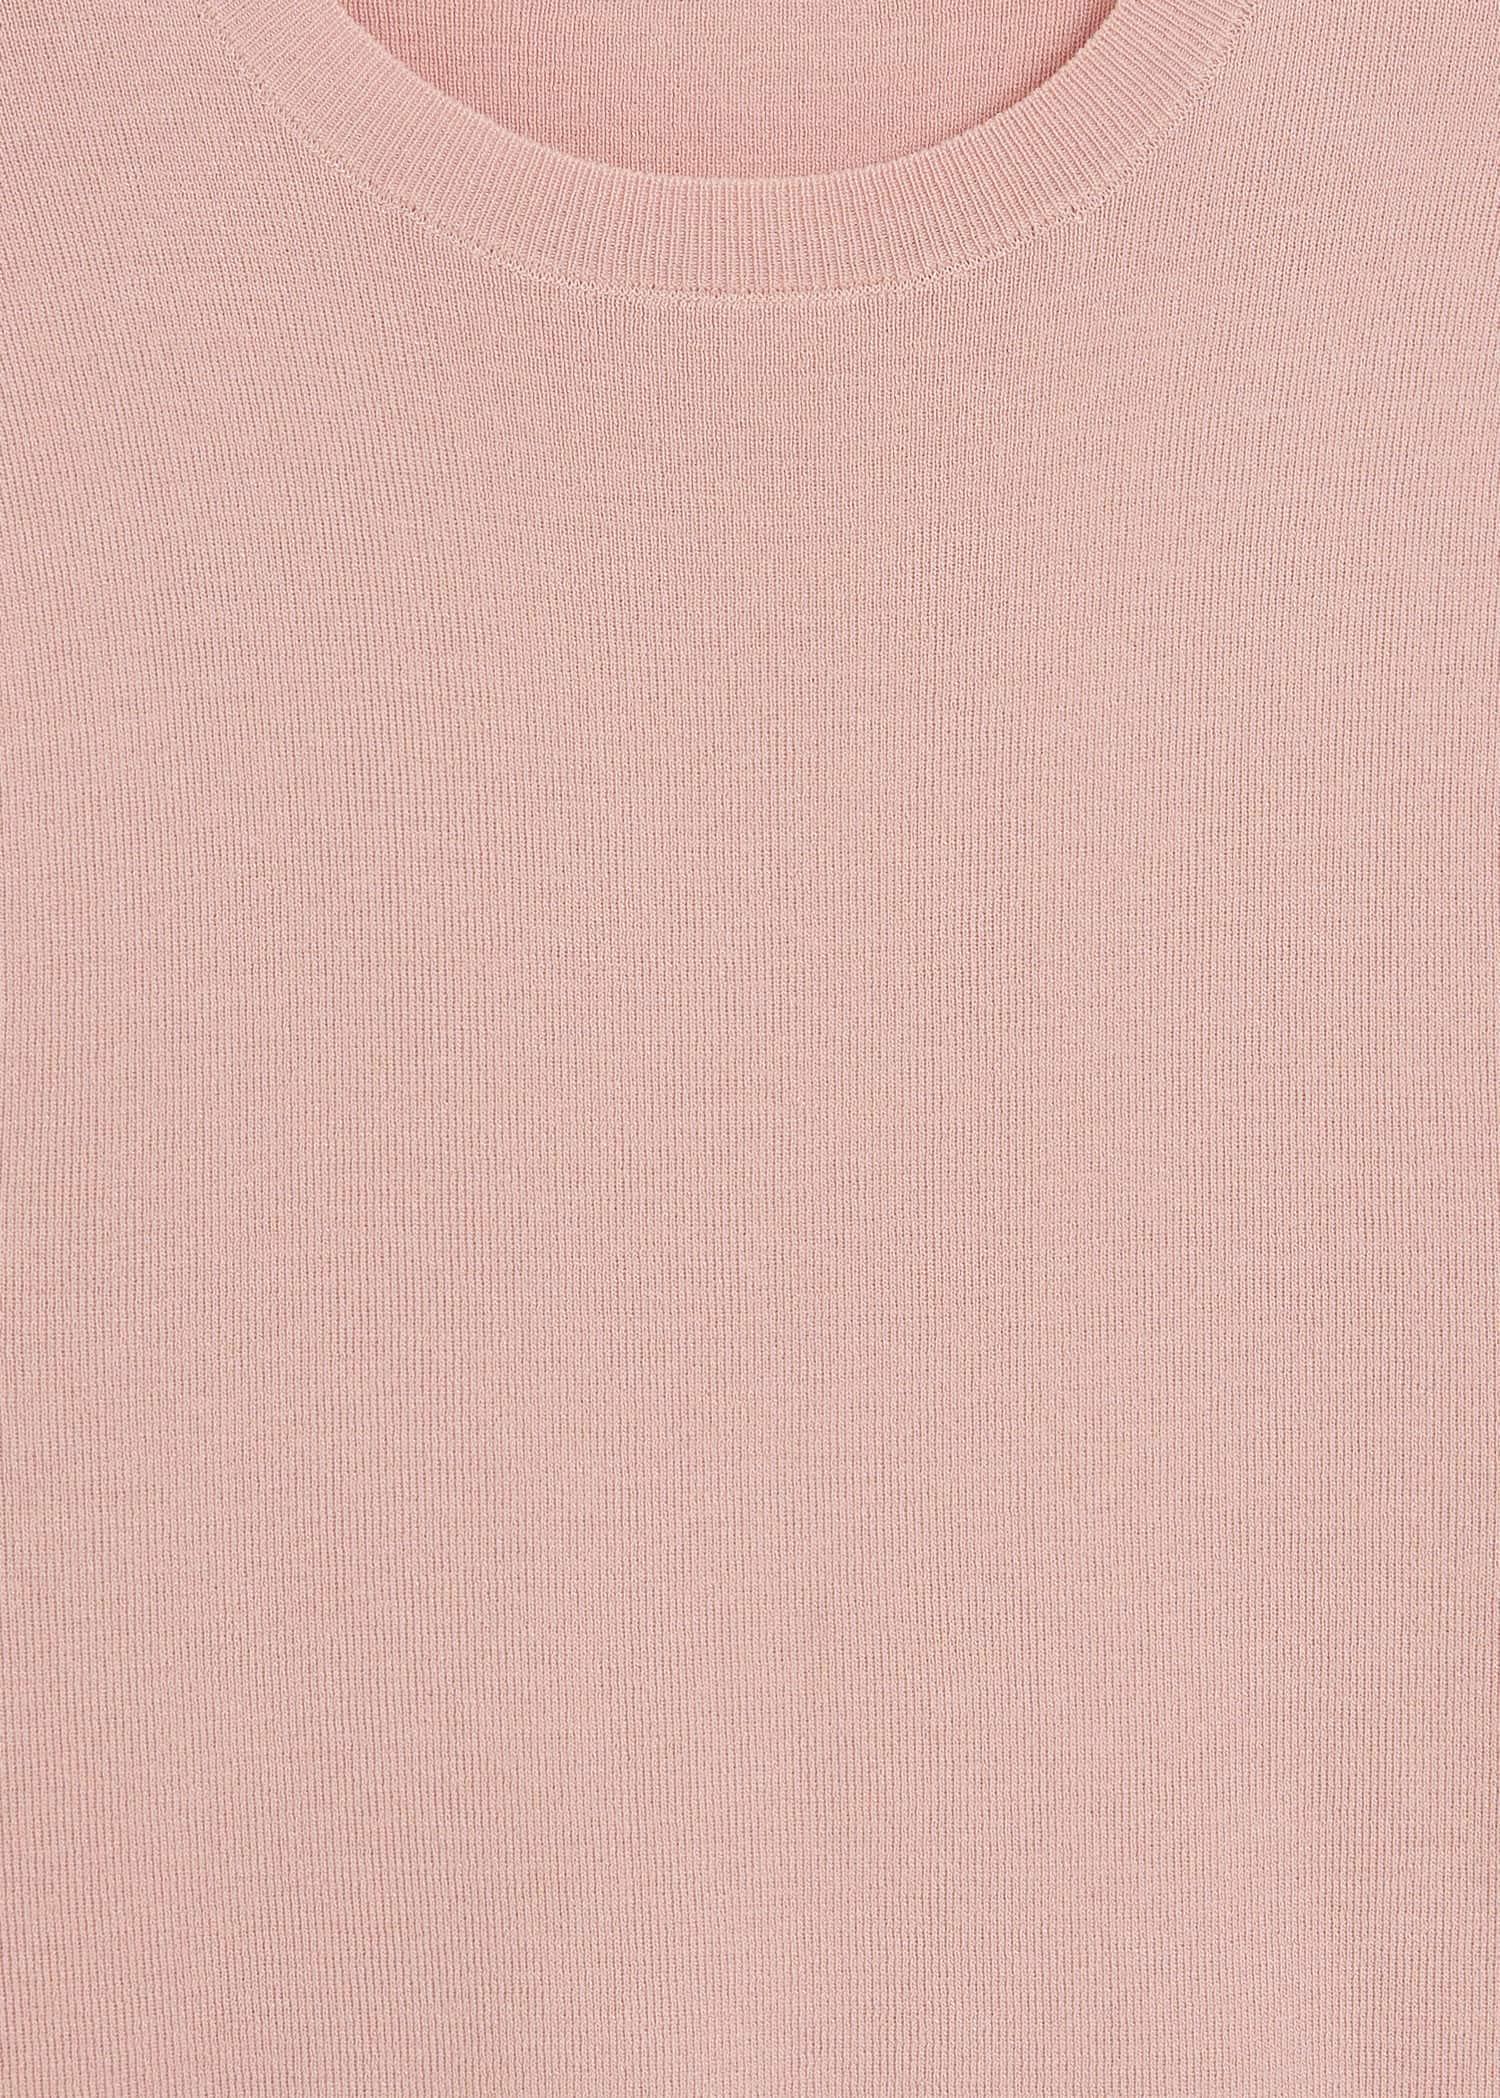 Strickjacken & pullover für Damen 2020 | Mango Deutschland